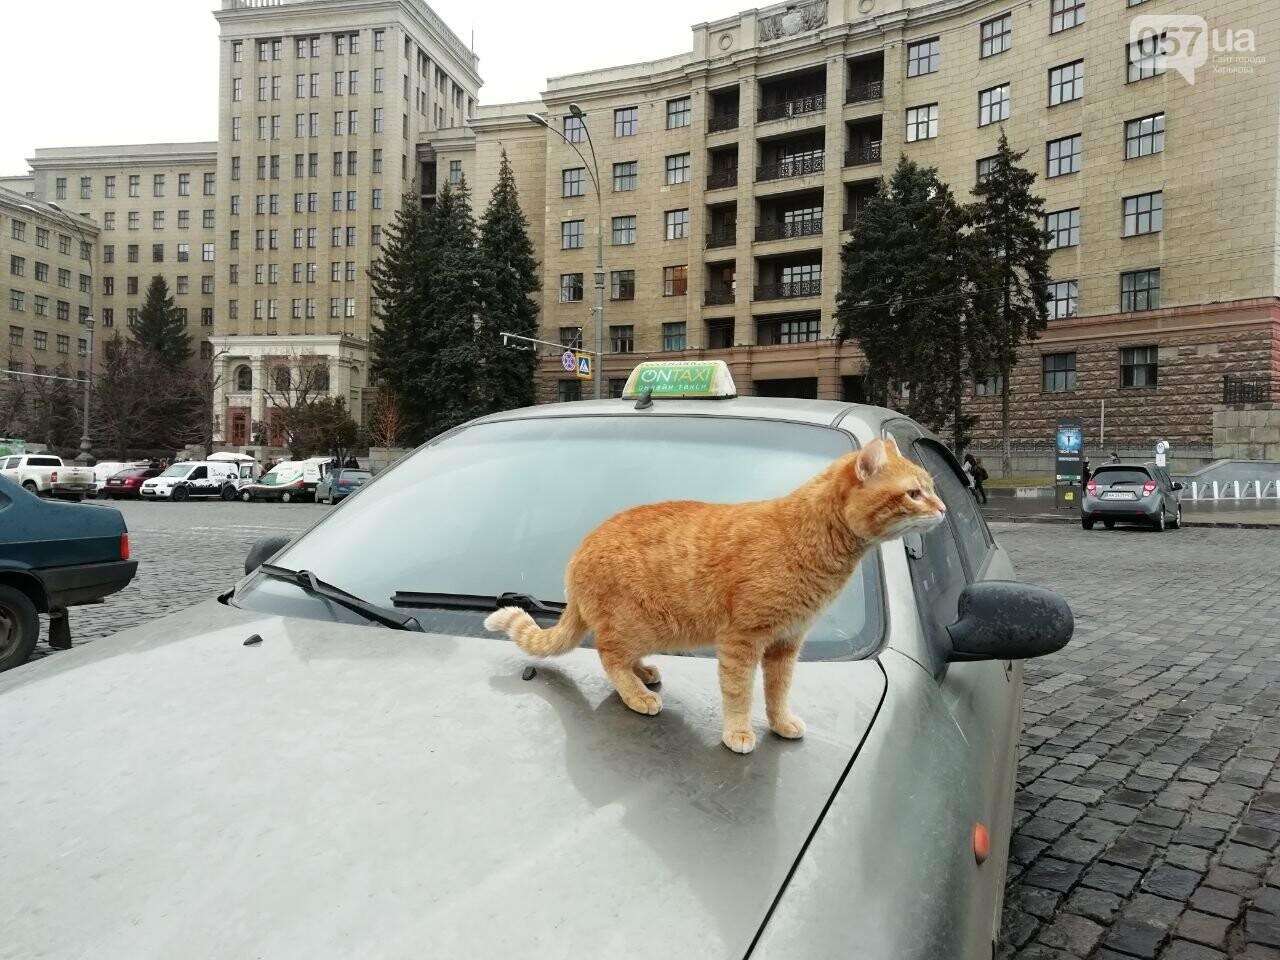 Поездка с котом и большие чаевые. Как харьковский таксист с питомцем возит пассажиров, - ФОТО, фото-4